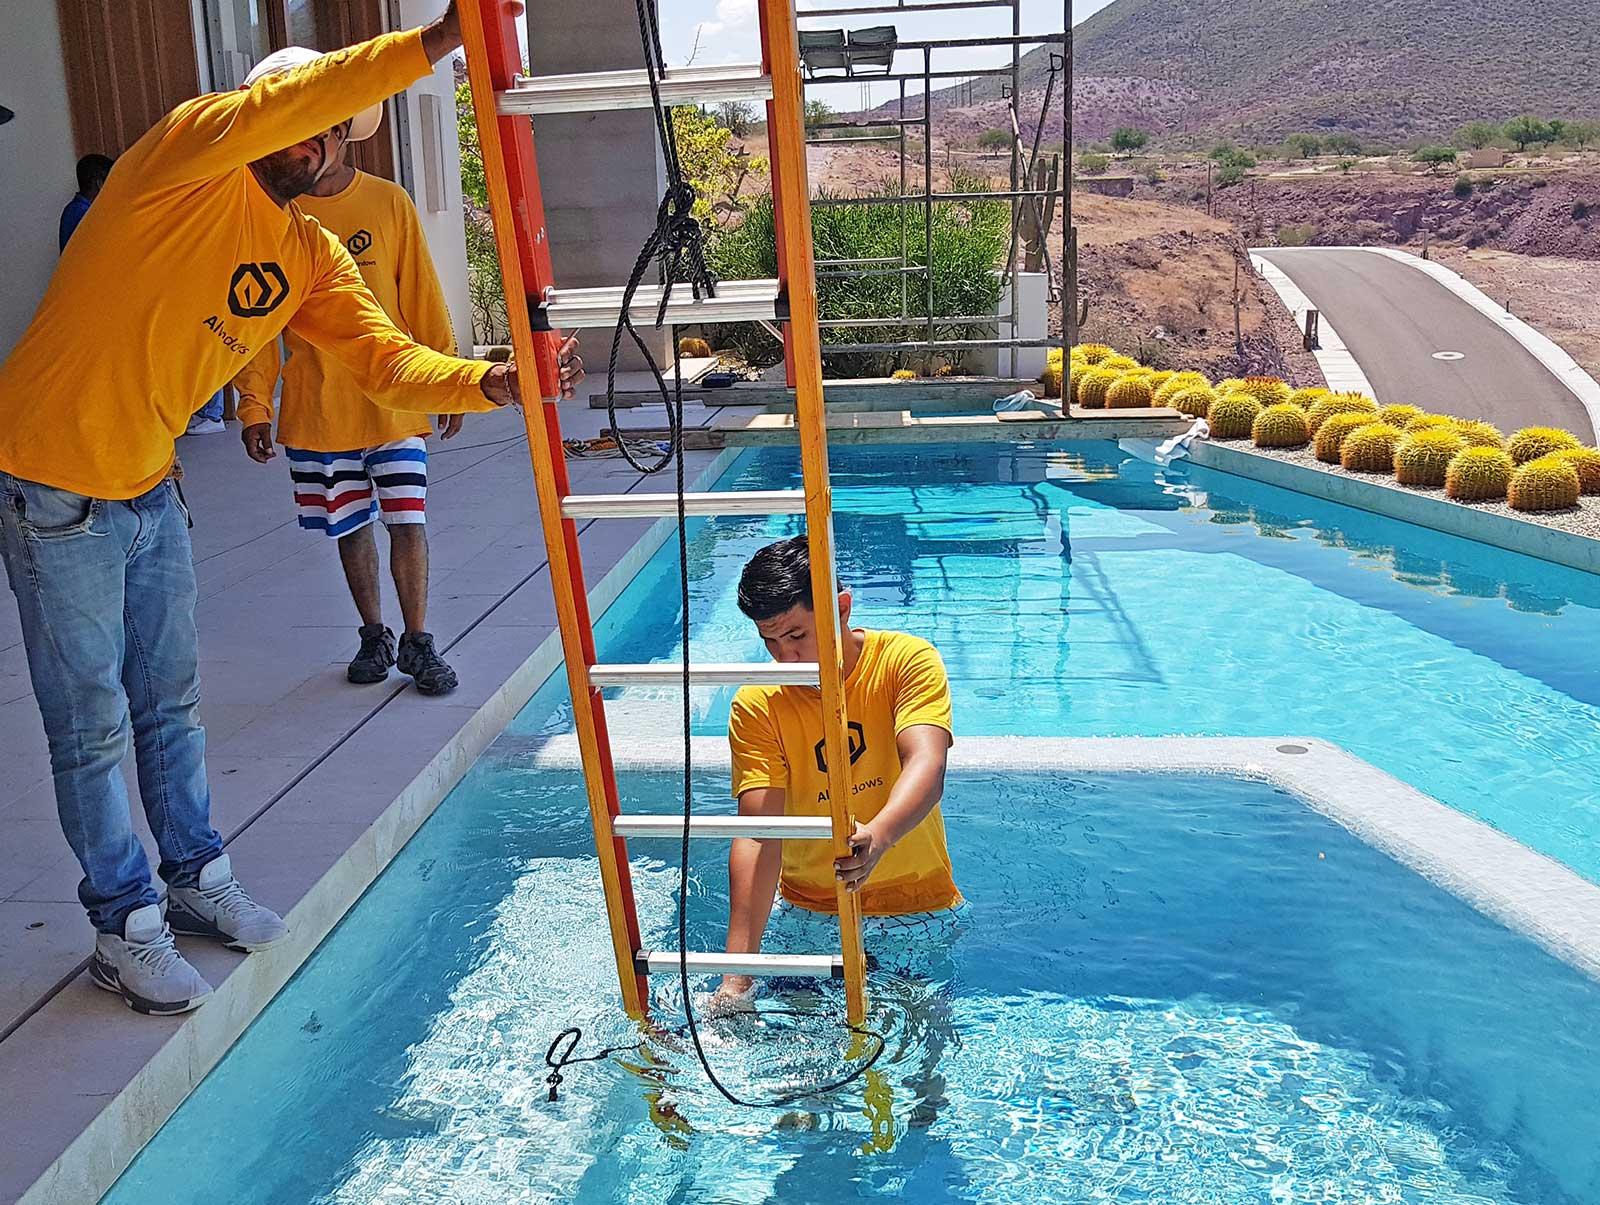 bsp-workers-pool-112619-1600-1205